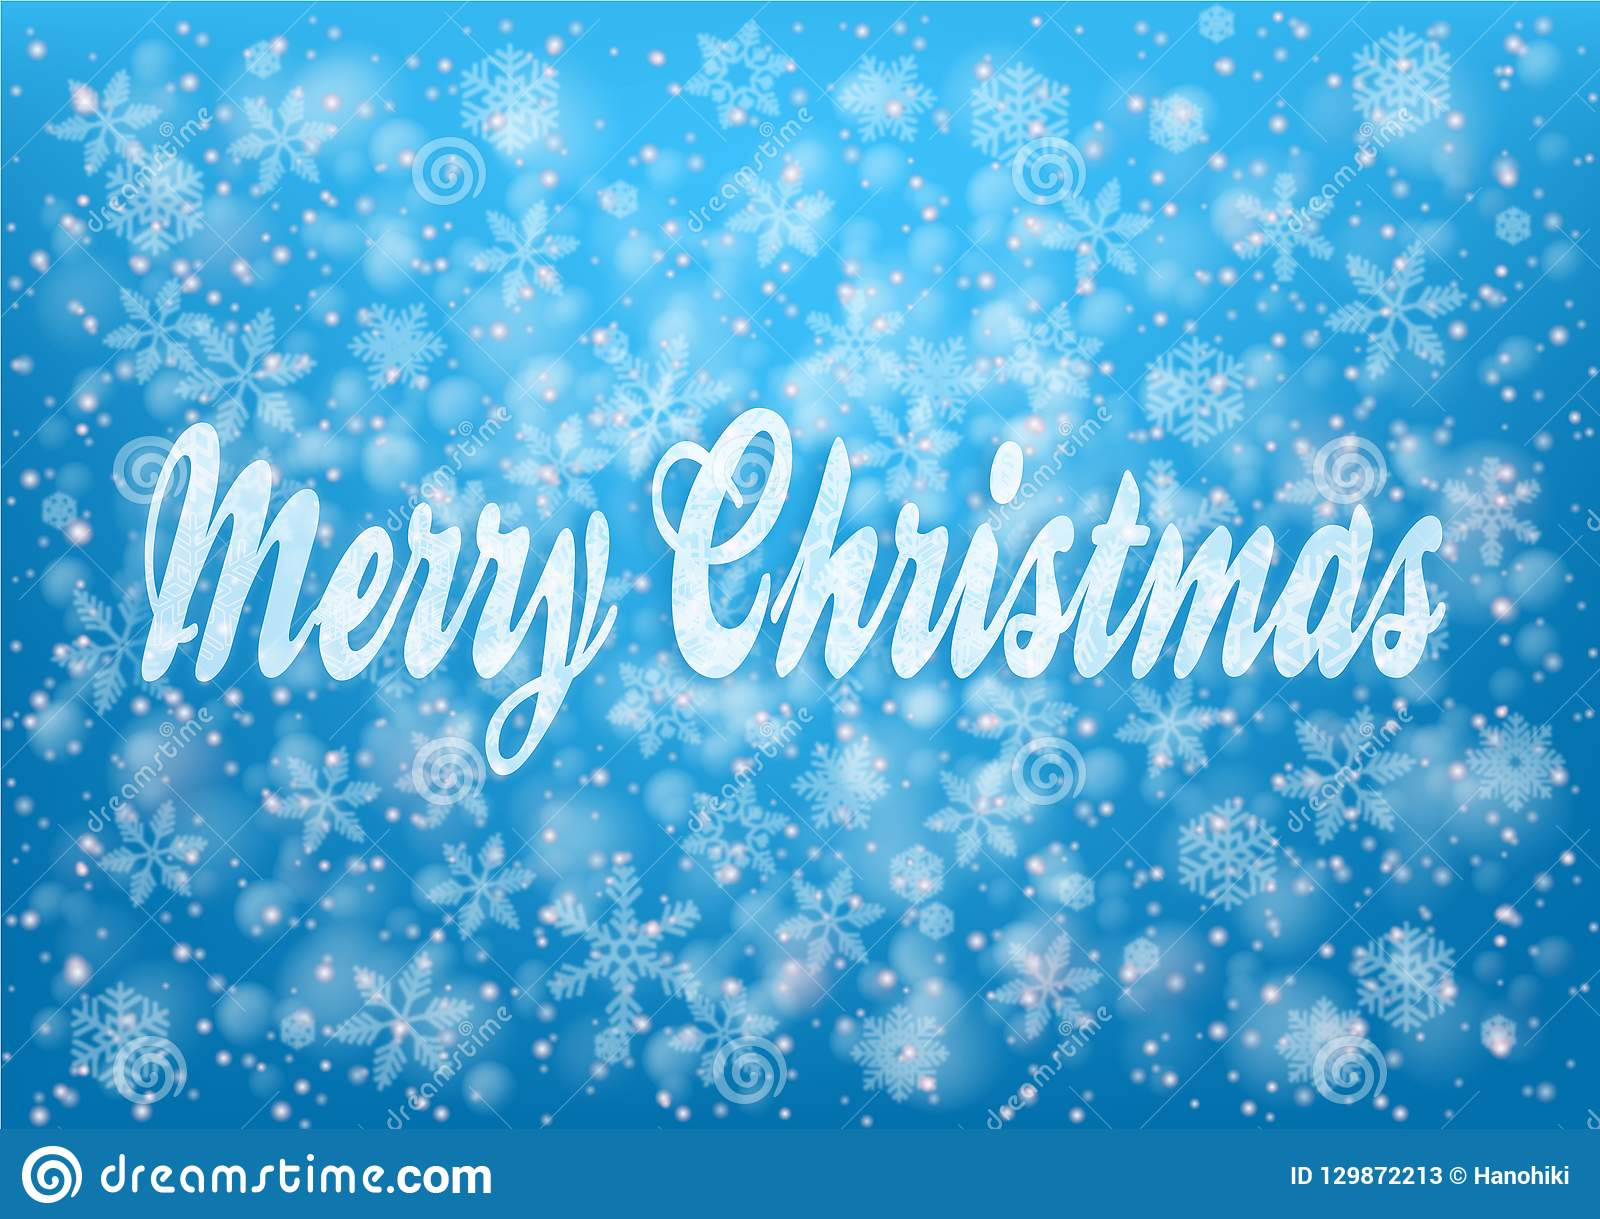 Frohe Weihnachten Text Karte.Frohe Weihnacht Karte Text Und Schneeflocke